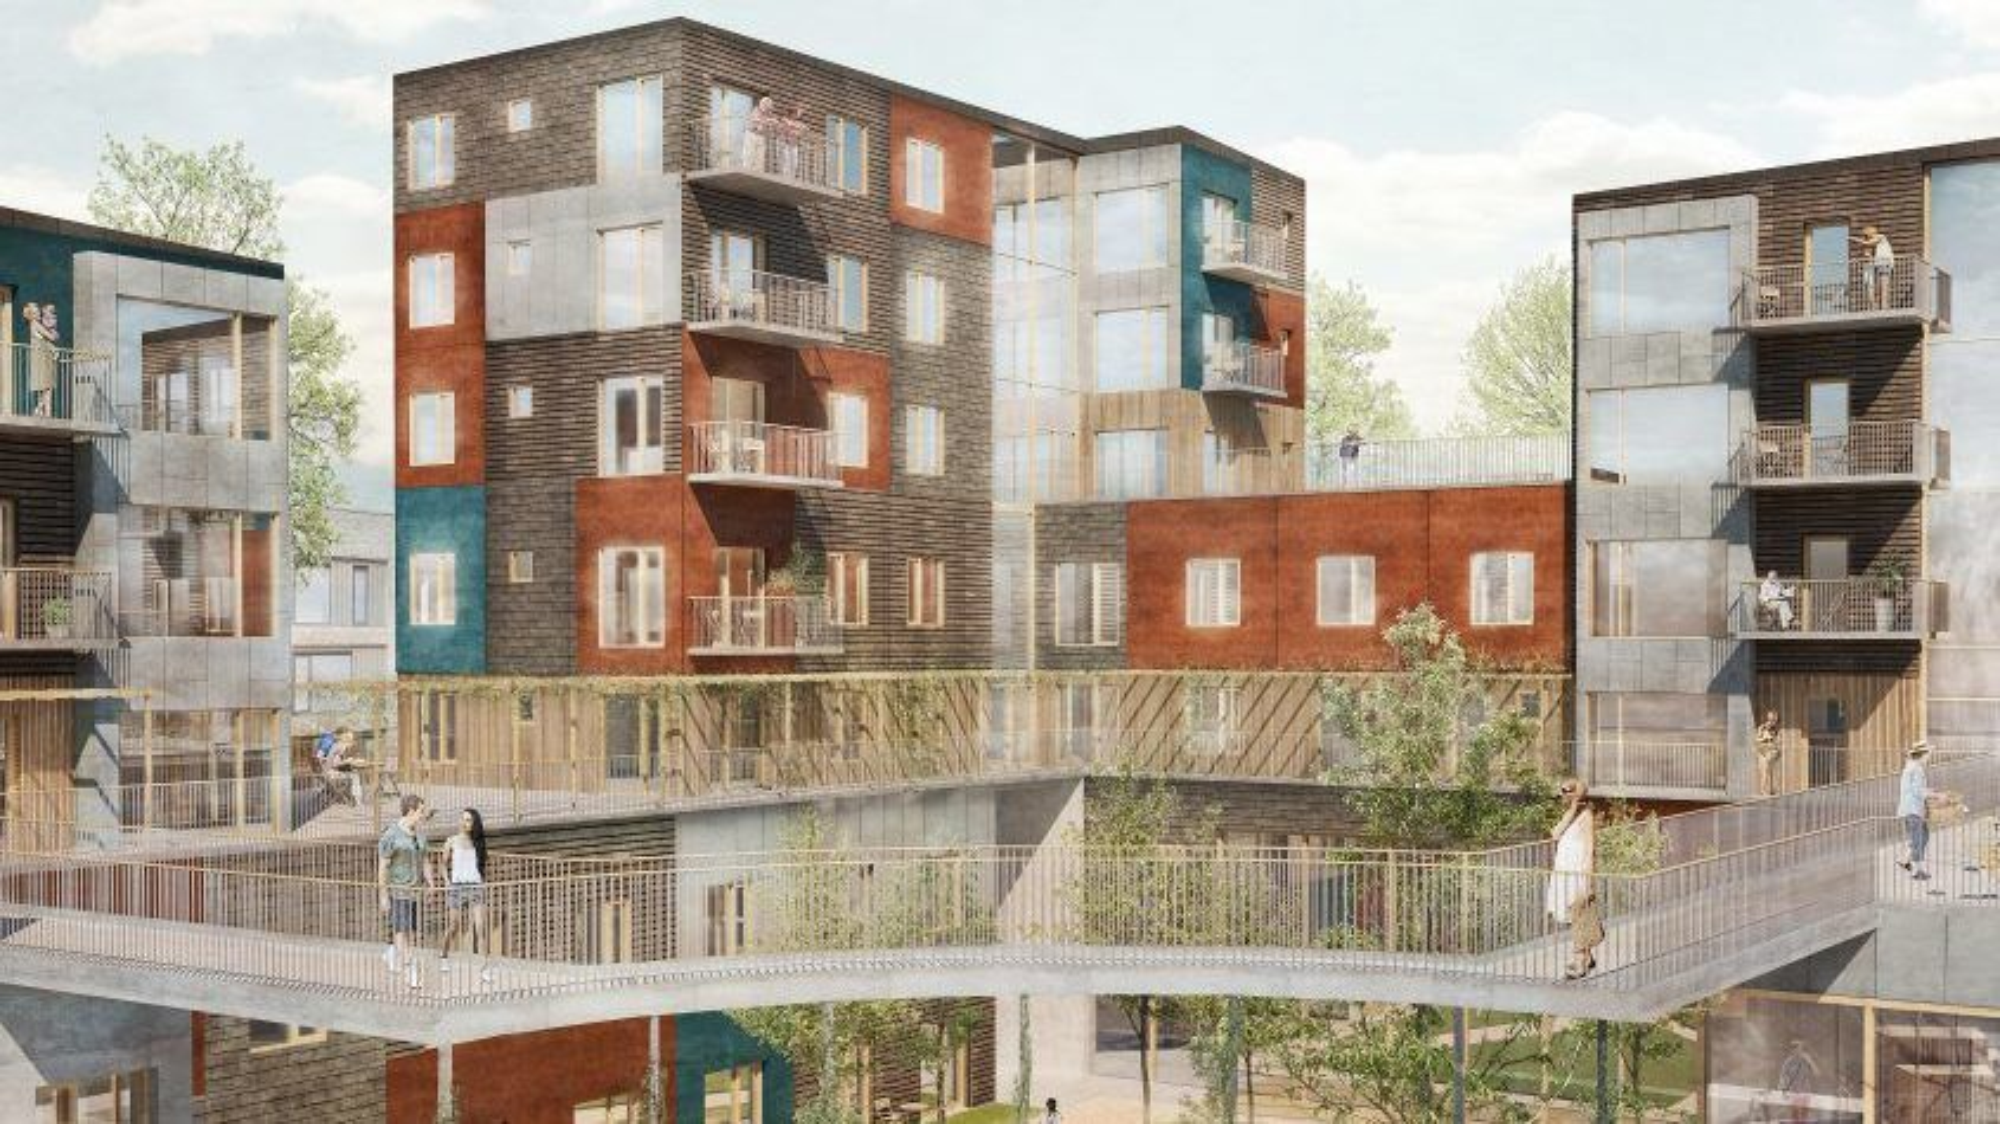 Det syv etasjer høye Fællesbyg Køge Kyst ville blitt Danmarks høyeste bygning med bærende konstruksjoner av tre. Søyler og bjelker skulle være i massivt tre, og etasjedekkene en kombinasjon av massivt tre og betong. Men de entreprenørene som byggefellesskapet har forhandlet med, ville ha 12–15 prosents risikotillegg på toppen av sitt ordinære tilbud for å bygge i tre, så nå blir alle de bærende konstruksjonene i stedet oppført i betong.